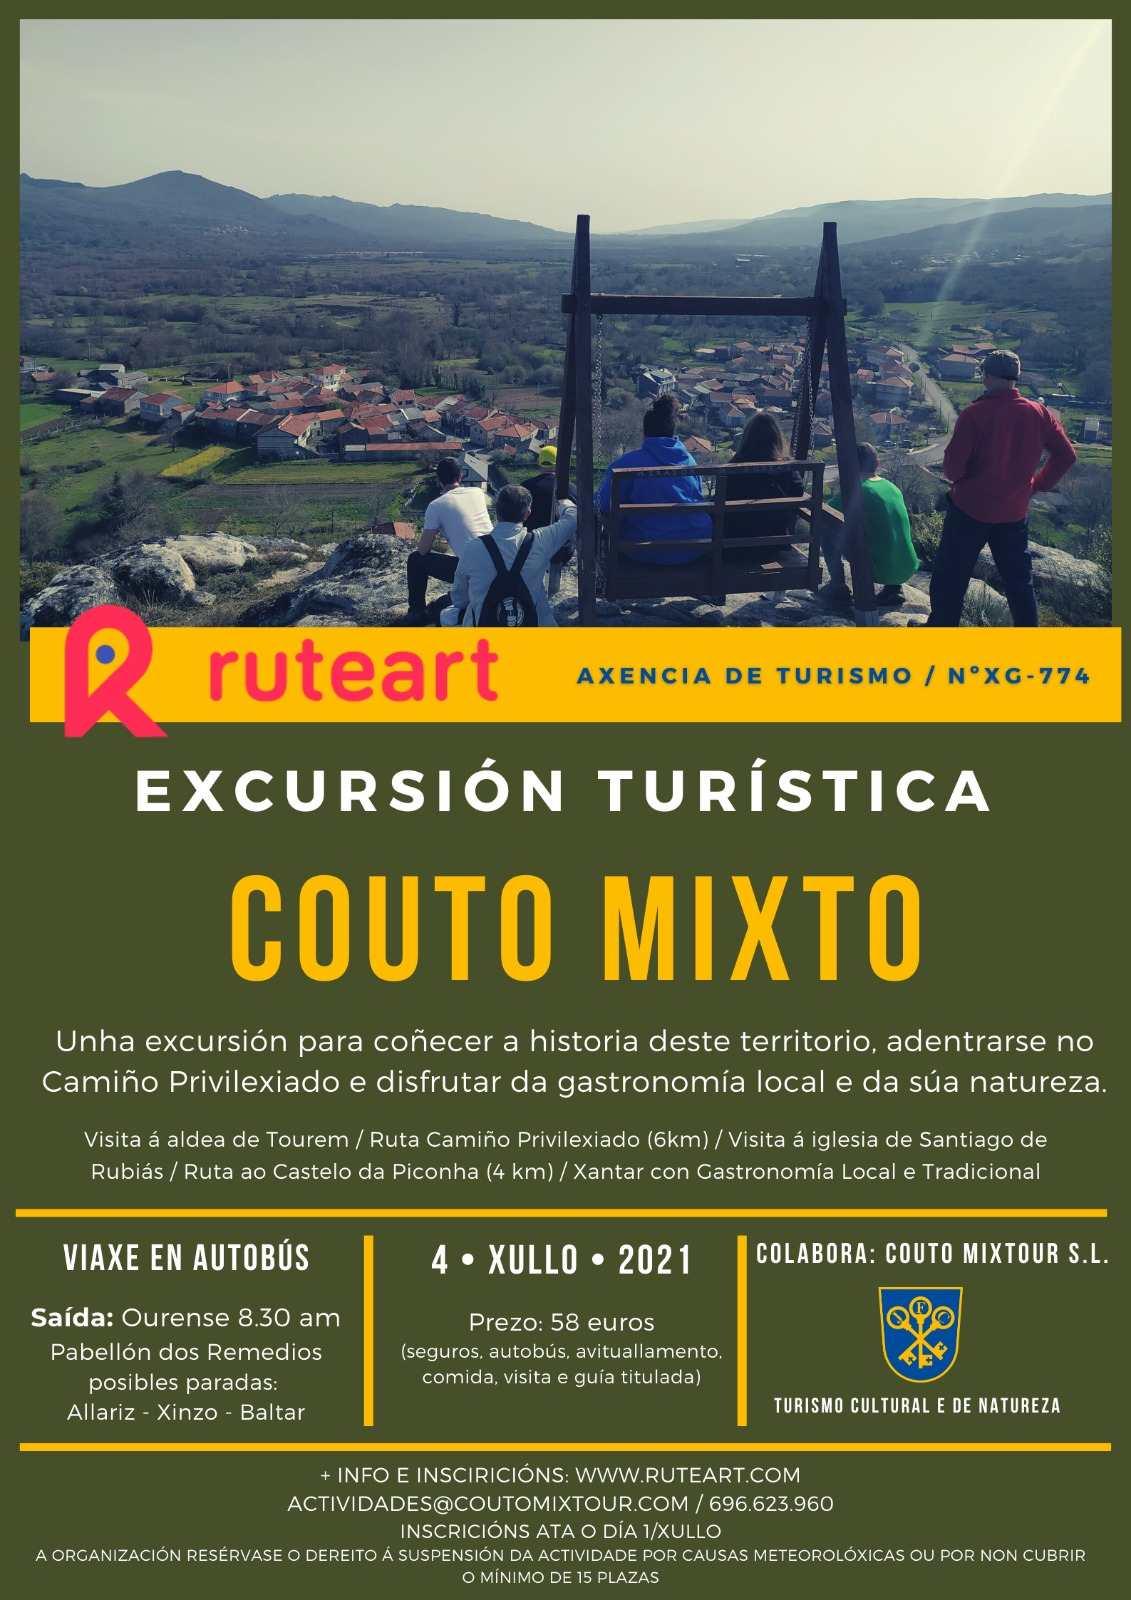 Couto-mixto-bus